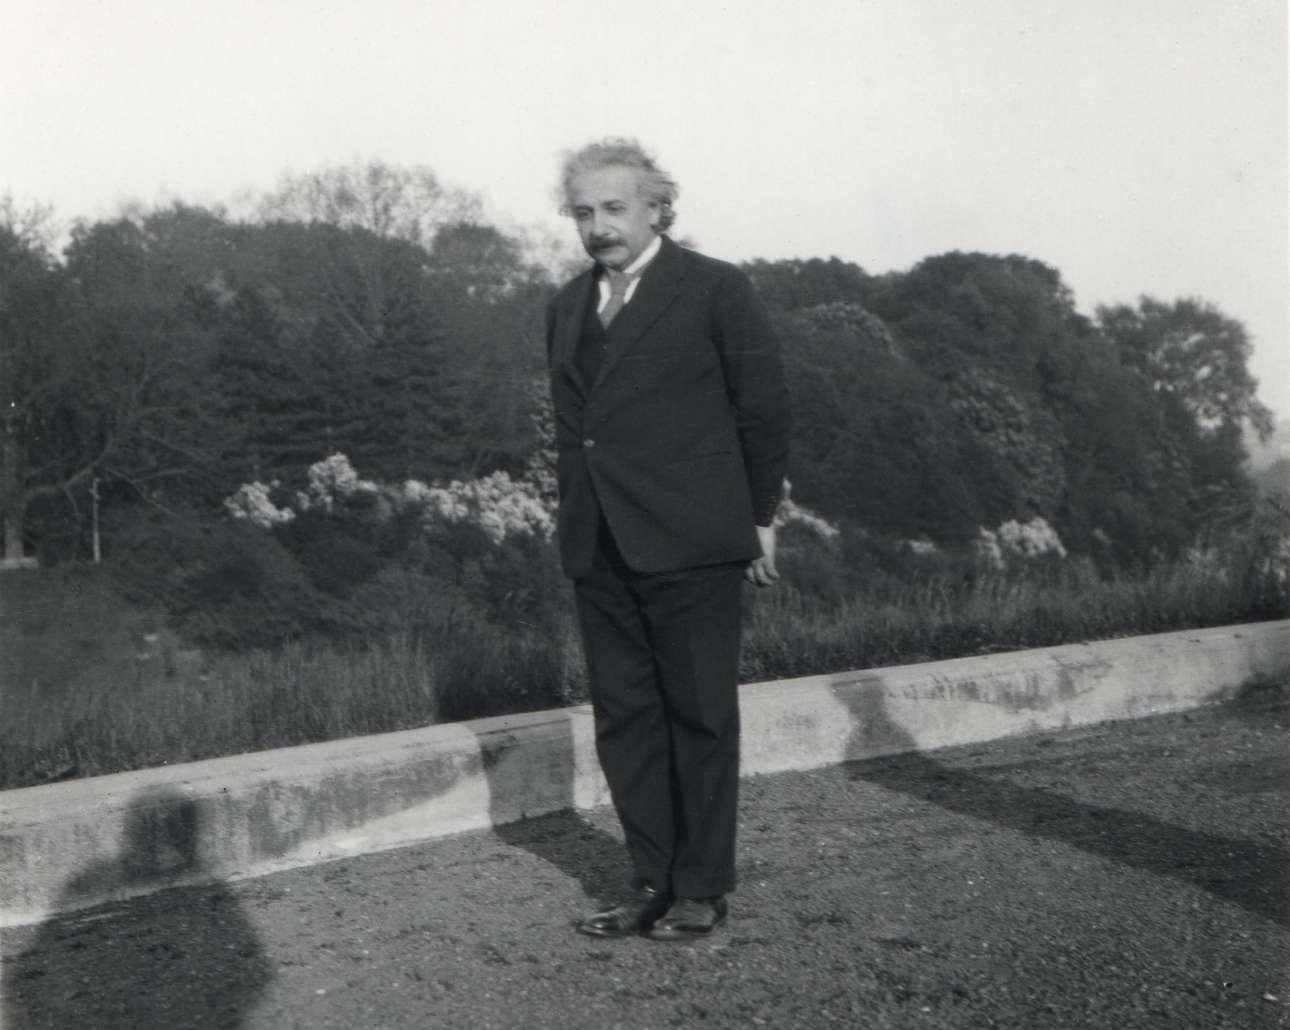 Αλμπερτ Αϊνσταϊν. Ο γερμανός φυσικός εγκατέλειψε το 1933, επί Χίτλερ, τη χώρα του για τις ΗΠΑ προκειμένου να αποφύγει τη σύλληψη εξαιτίας της εβραϊκής καταγωγής του